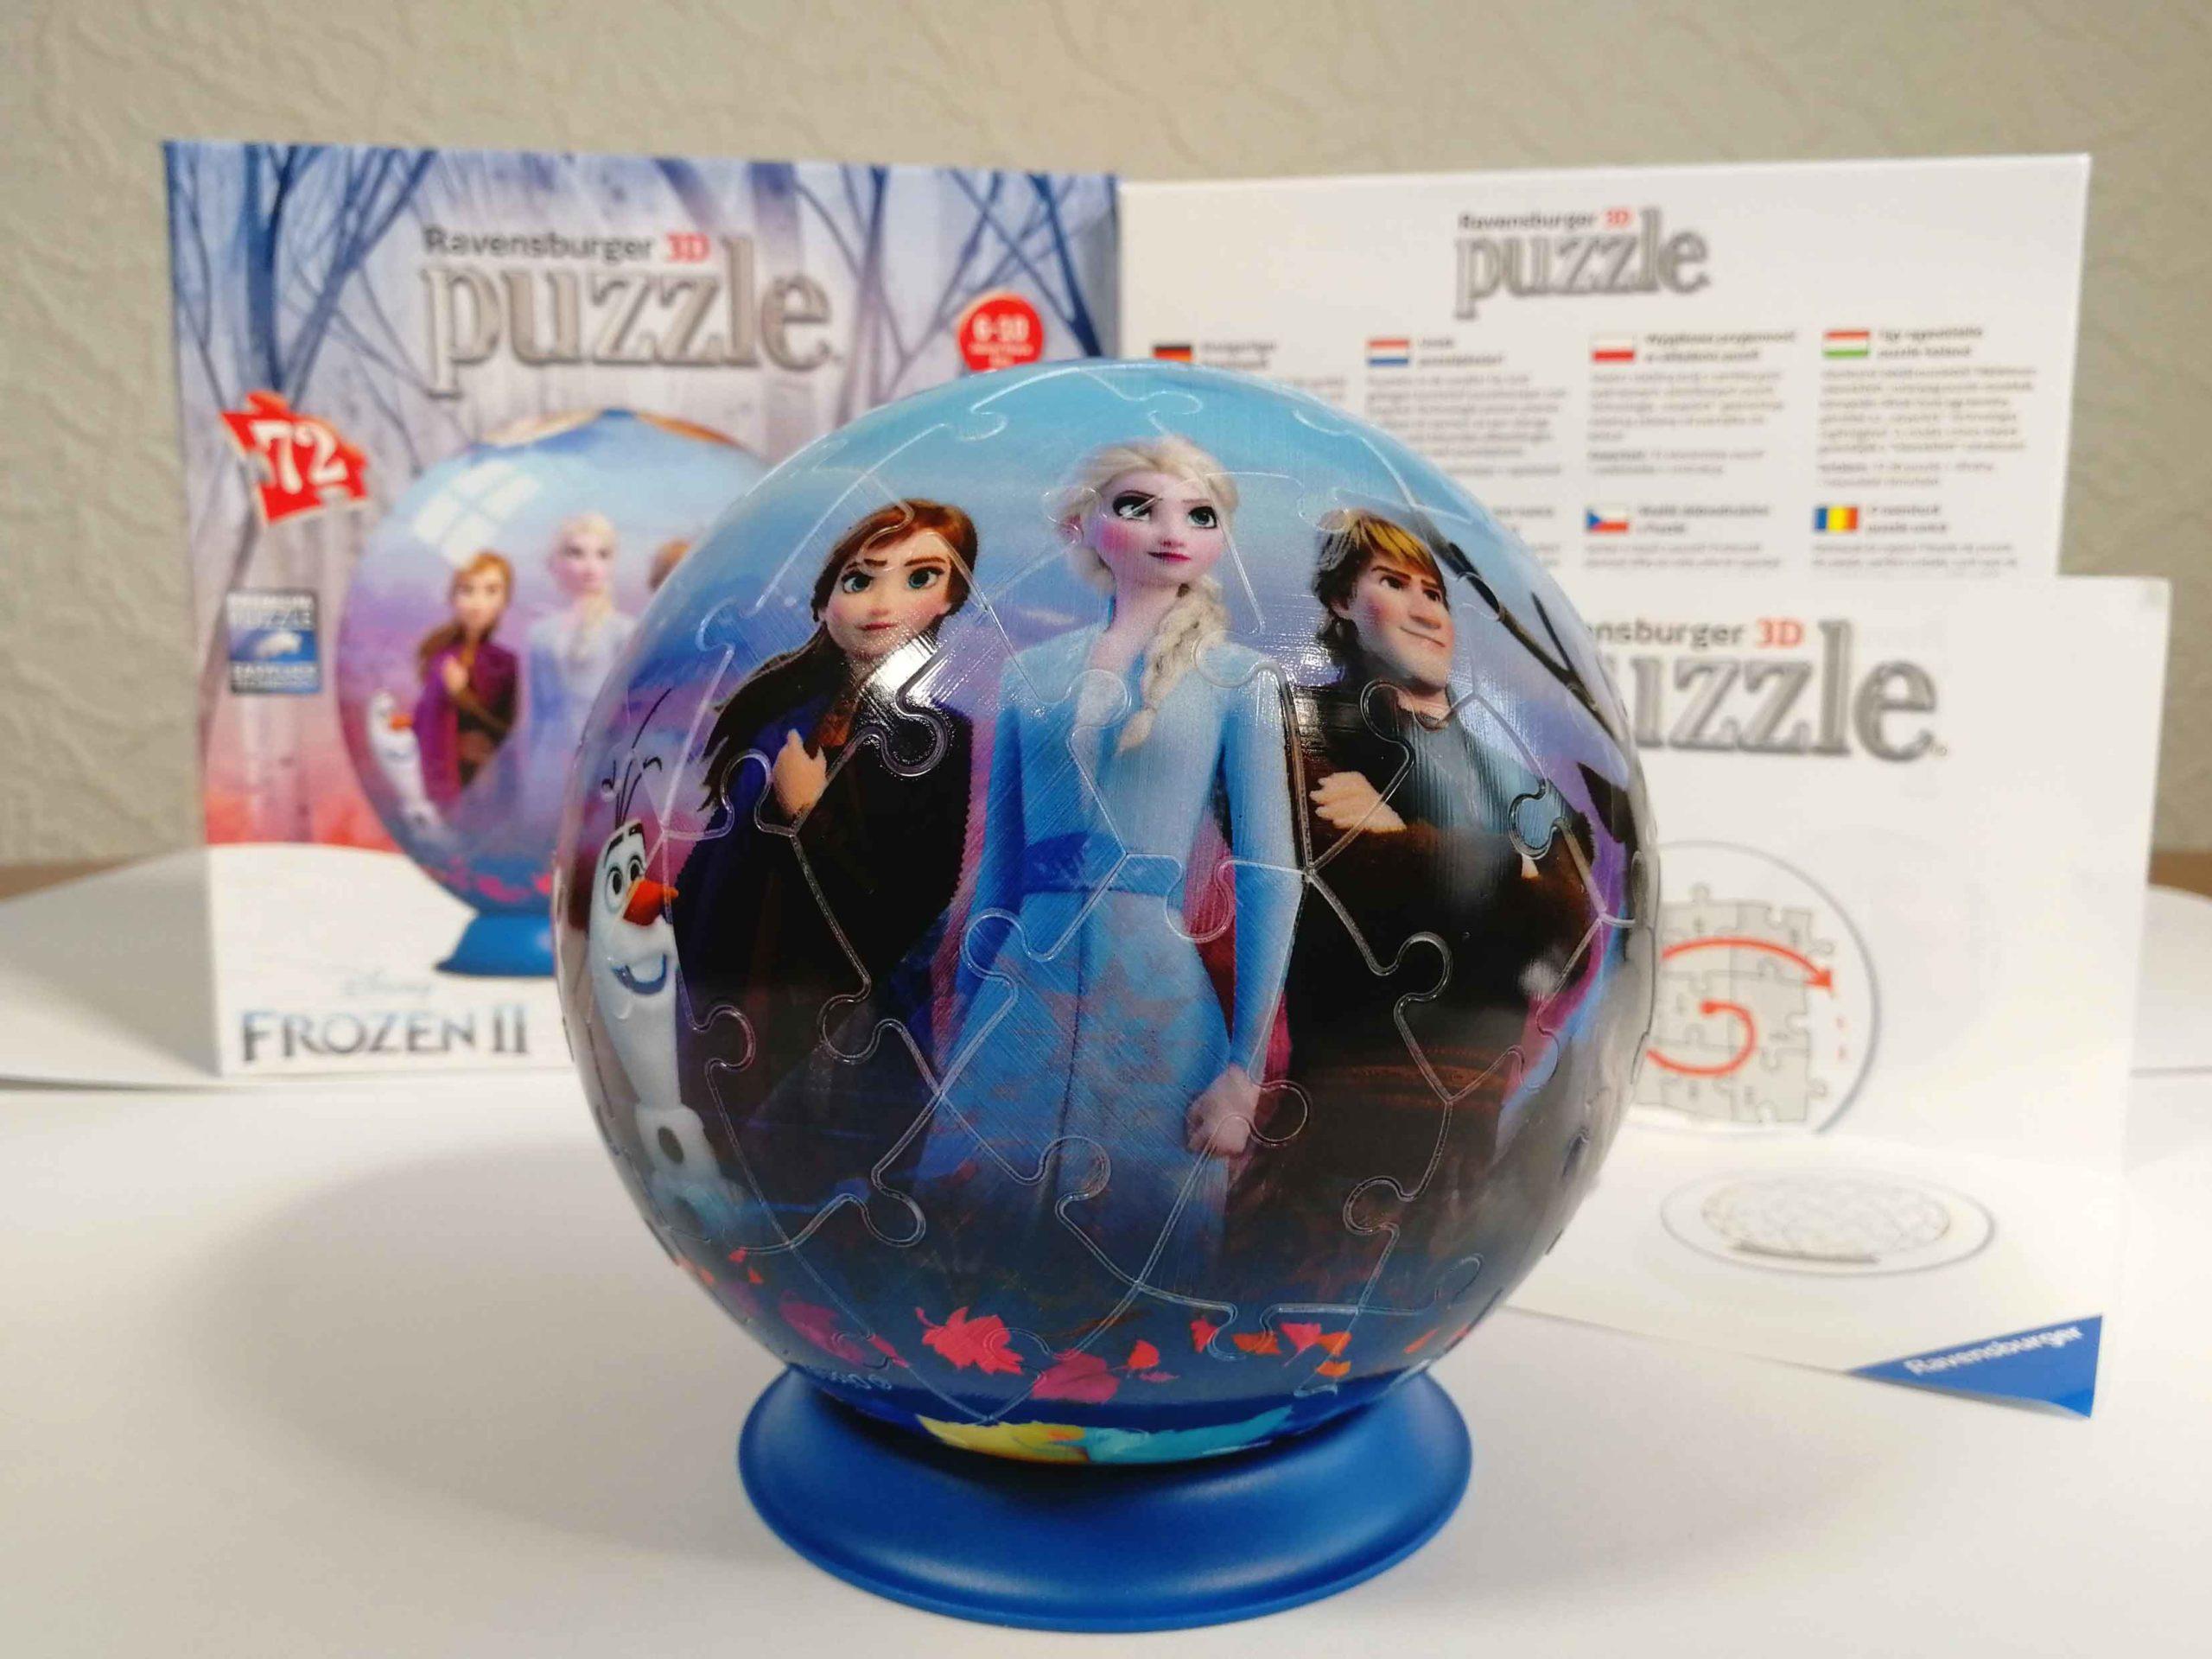 Ravensburger 3D Puzzle-Ball Frozen 2